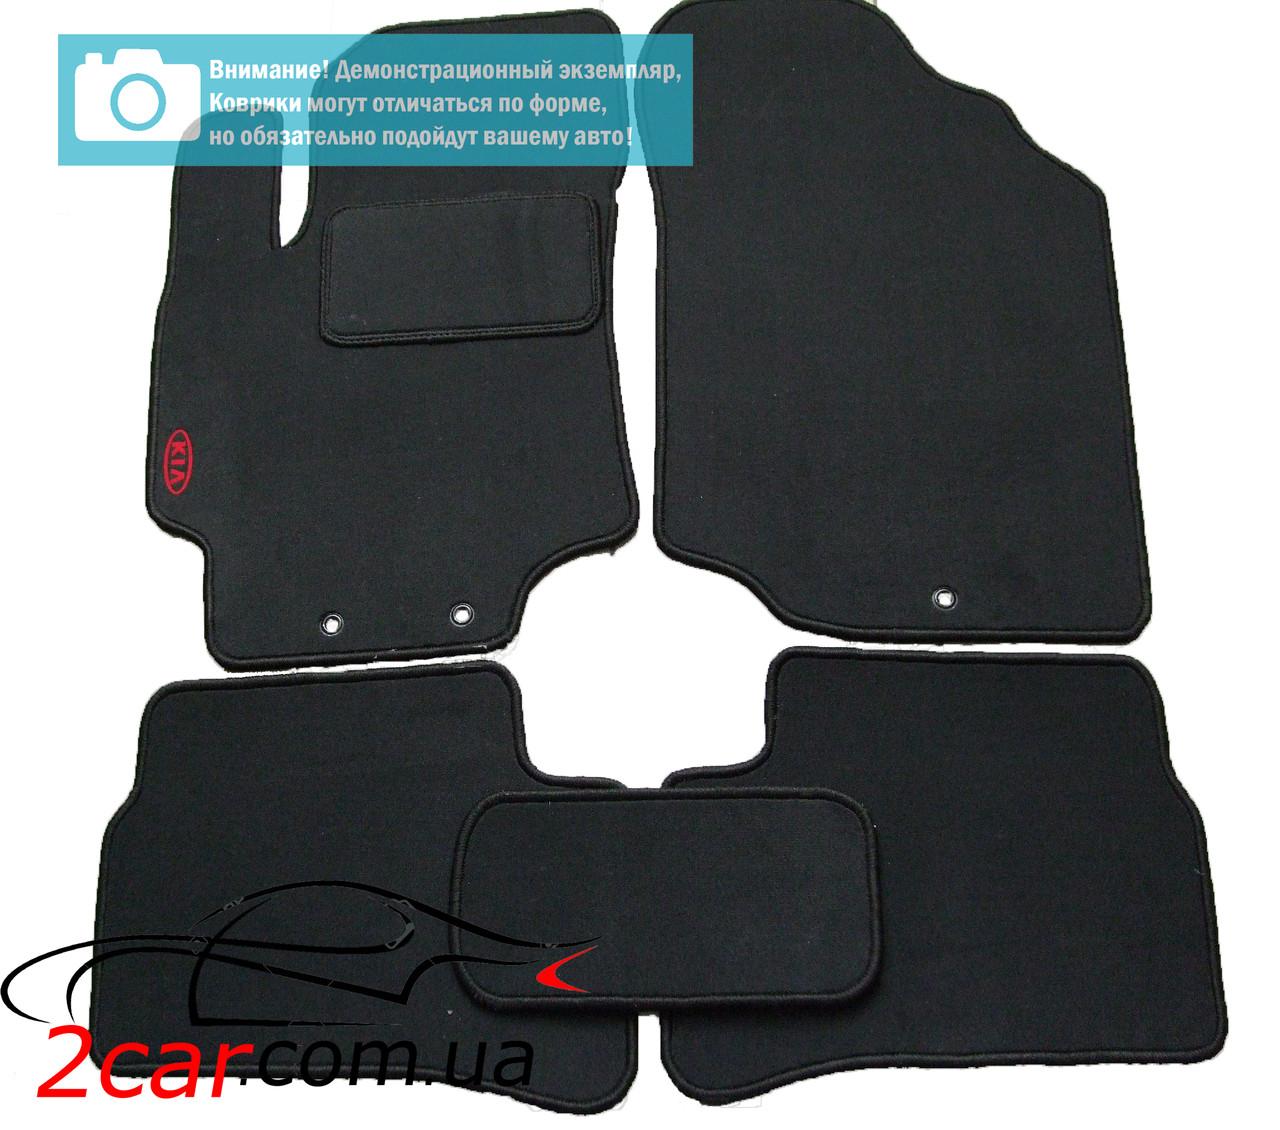 Текстильные коврики в салон для ВАЗ 2113 (чёрный) (StingrayUA)